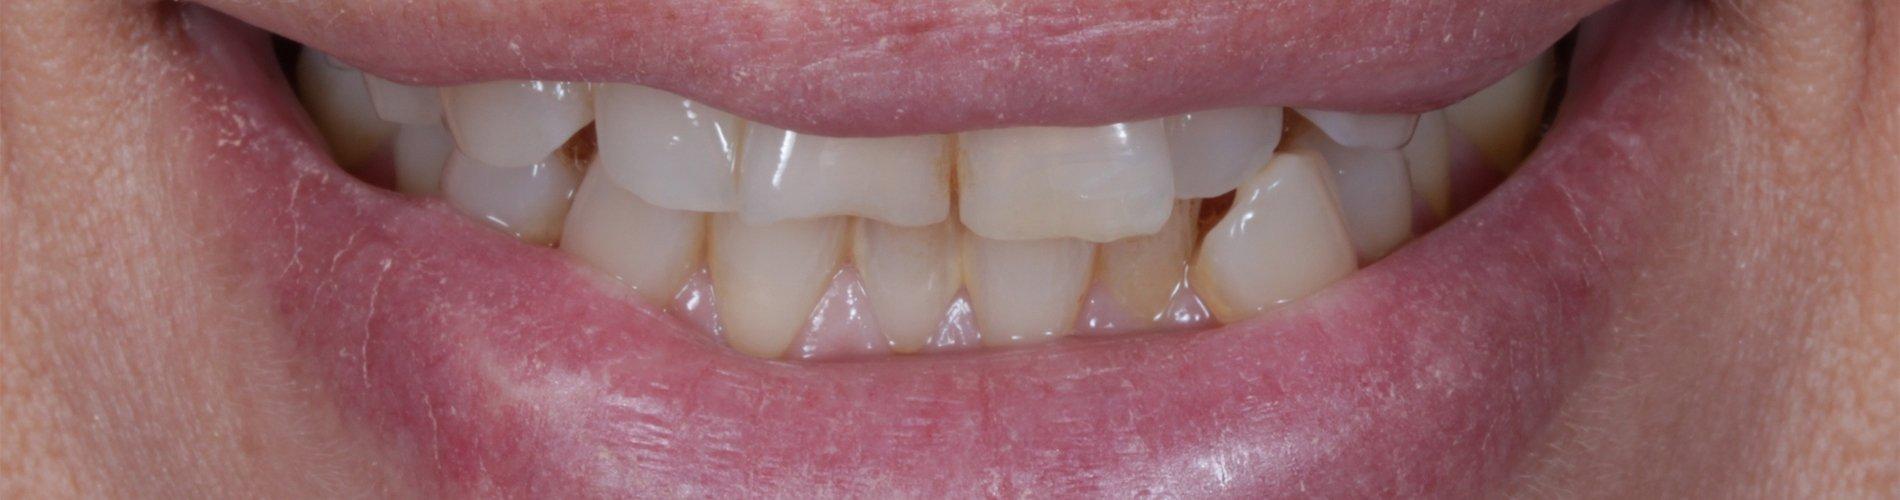 Mis dientes se están desplazando